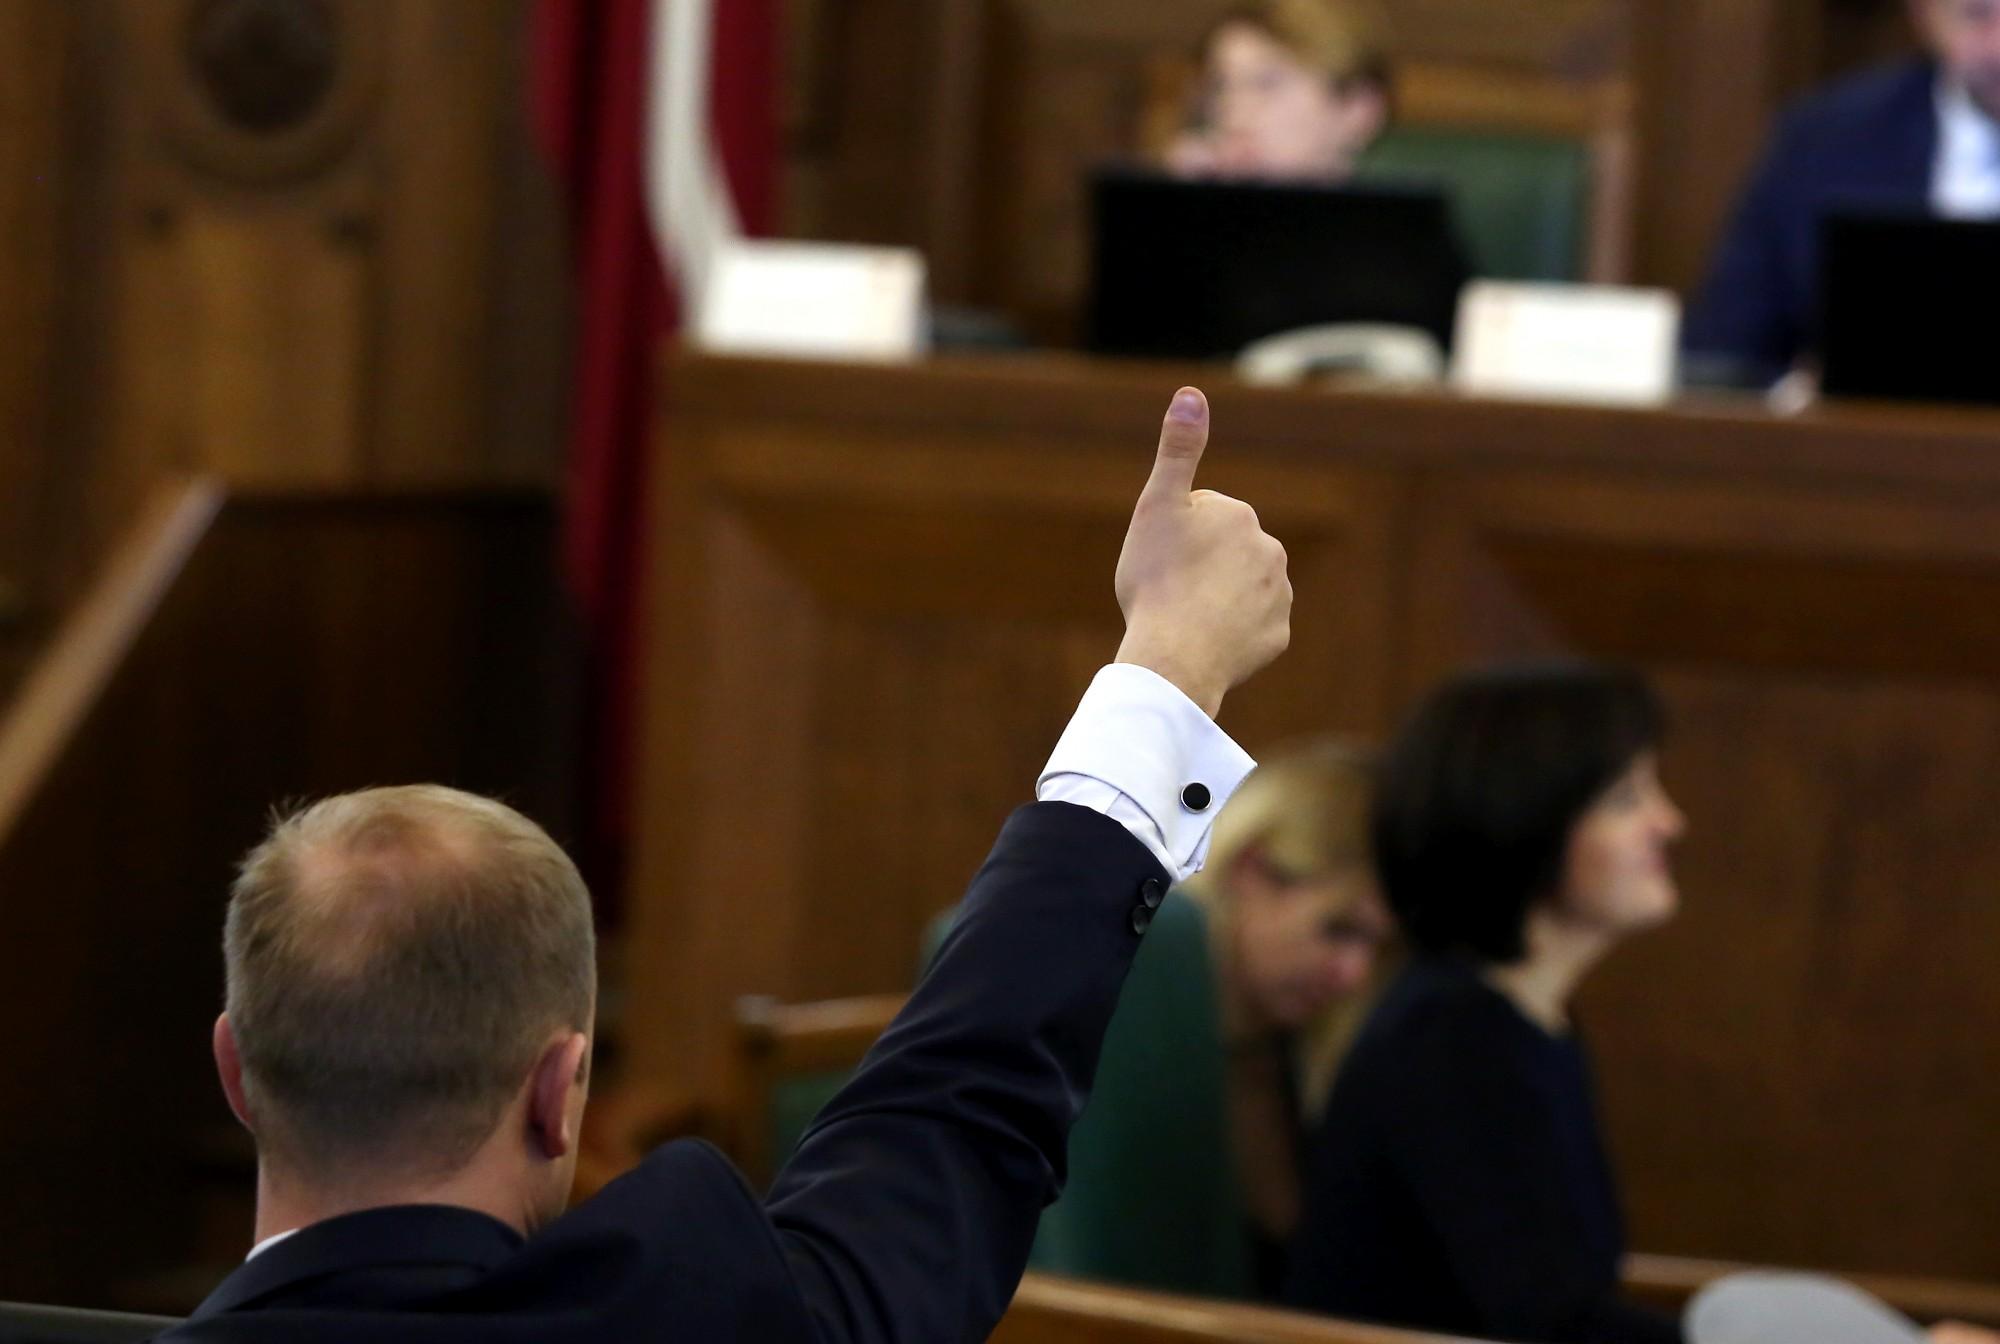 Pēc pašvaldību reformas deputātu skaits varētu sarukt uz pusi